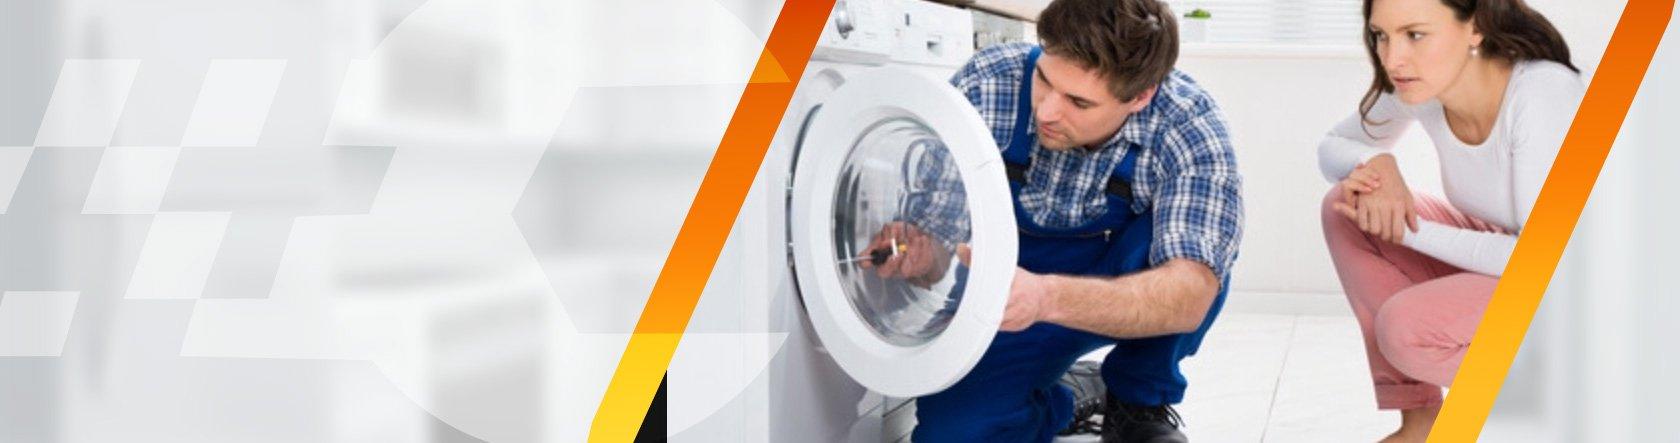 Washer Repair in Atlanta GA | $14.95 Service Call | Book Now